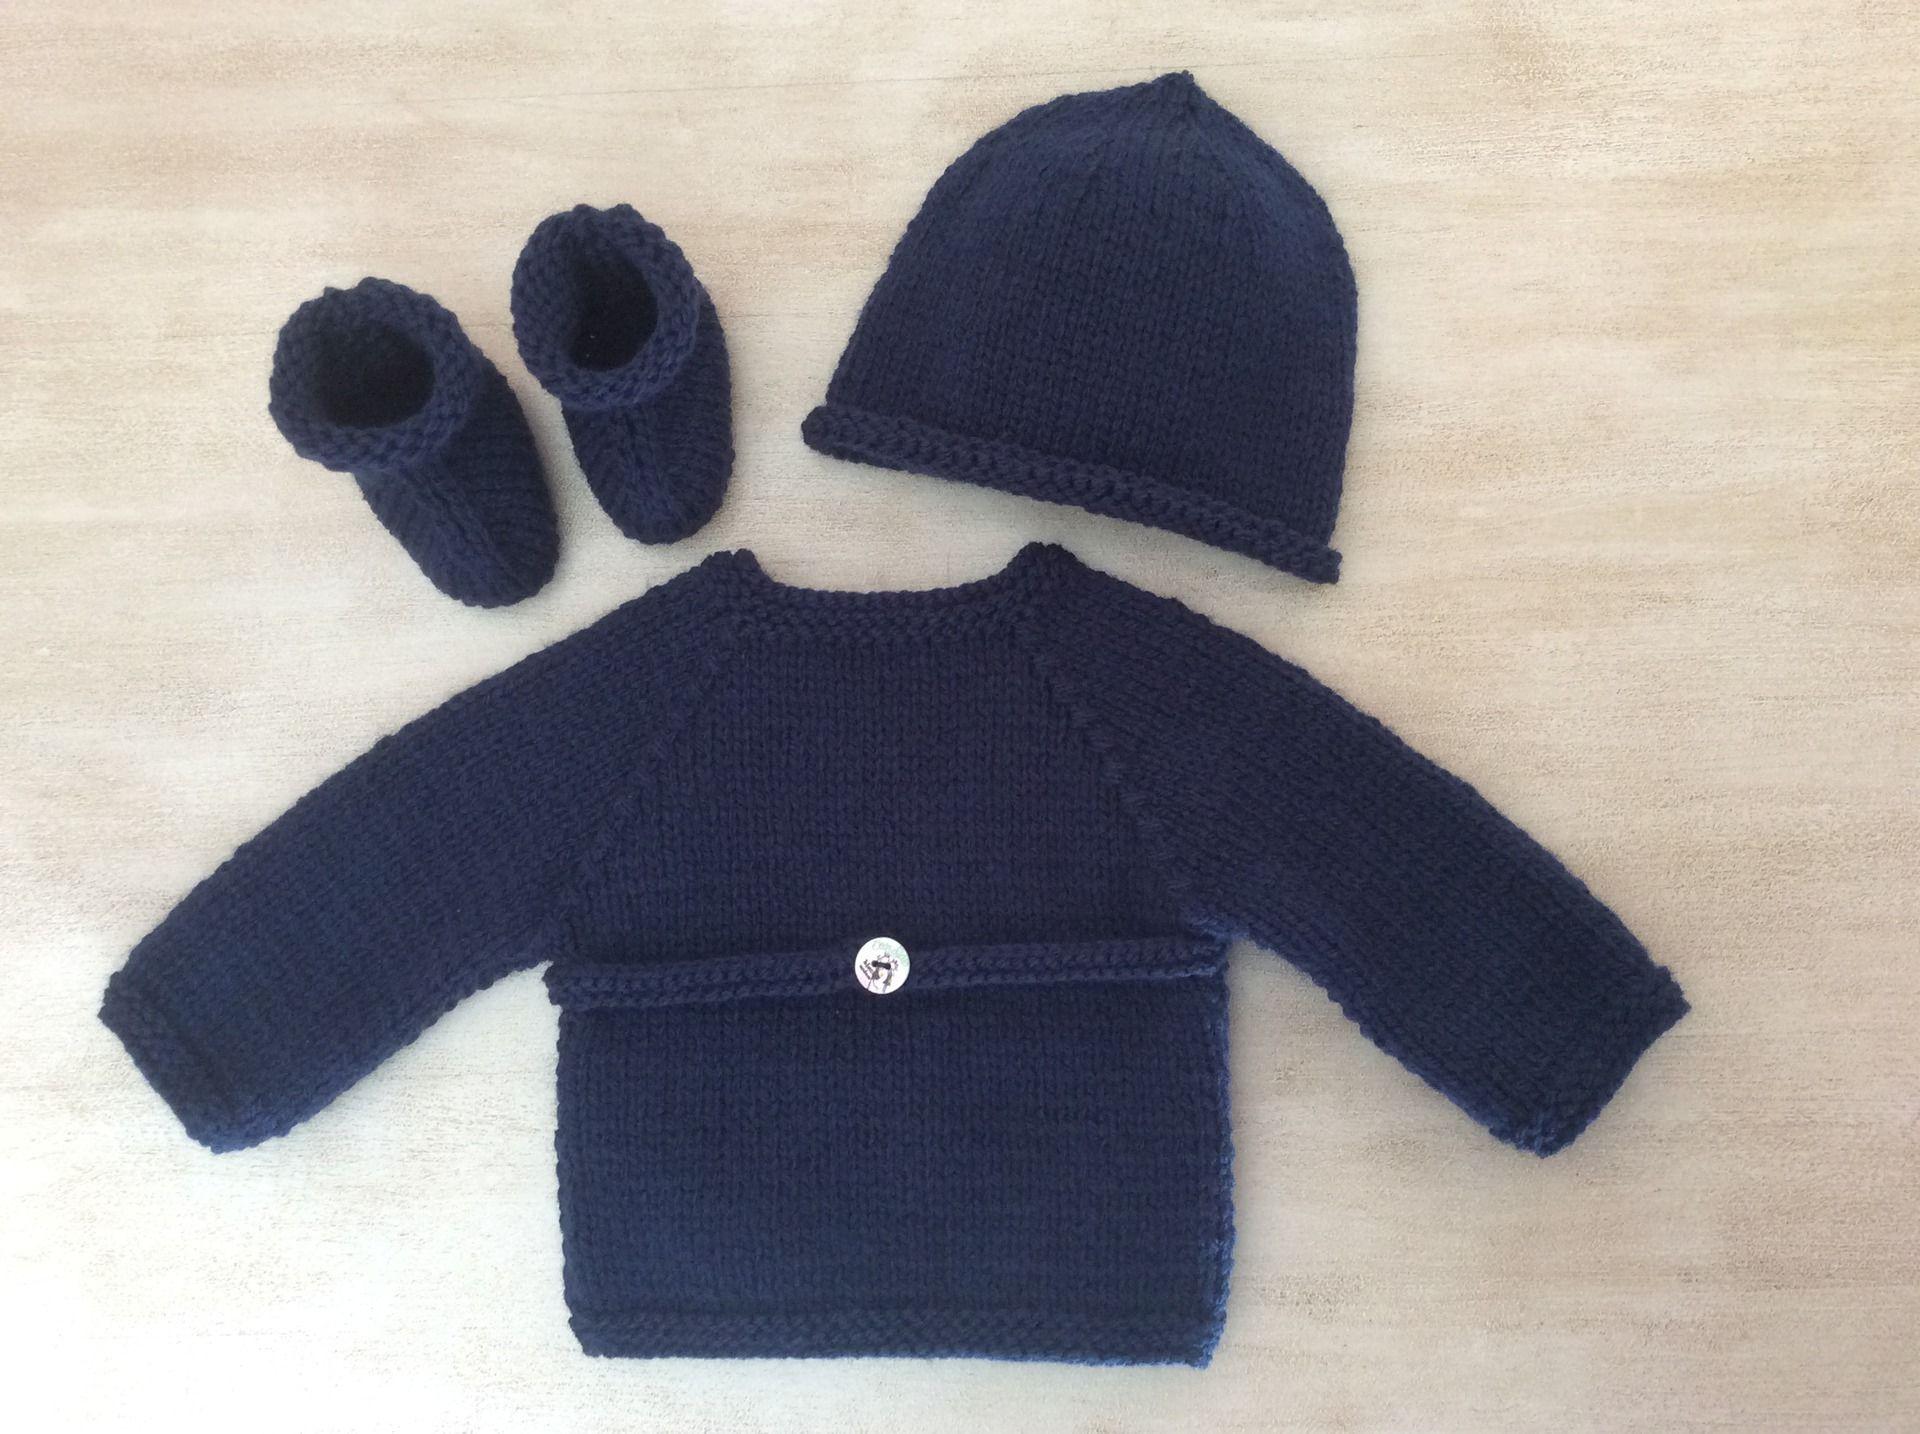 Ensemble Bébé naissance à 1 mois Brassière croisée Chaussons Bonnet Tricot  fait main Laine couleur bleu marine   Mode Bébé par la-p-tite-mimine 58c198eafba